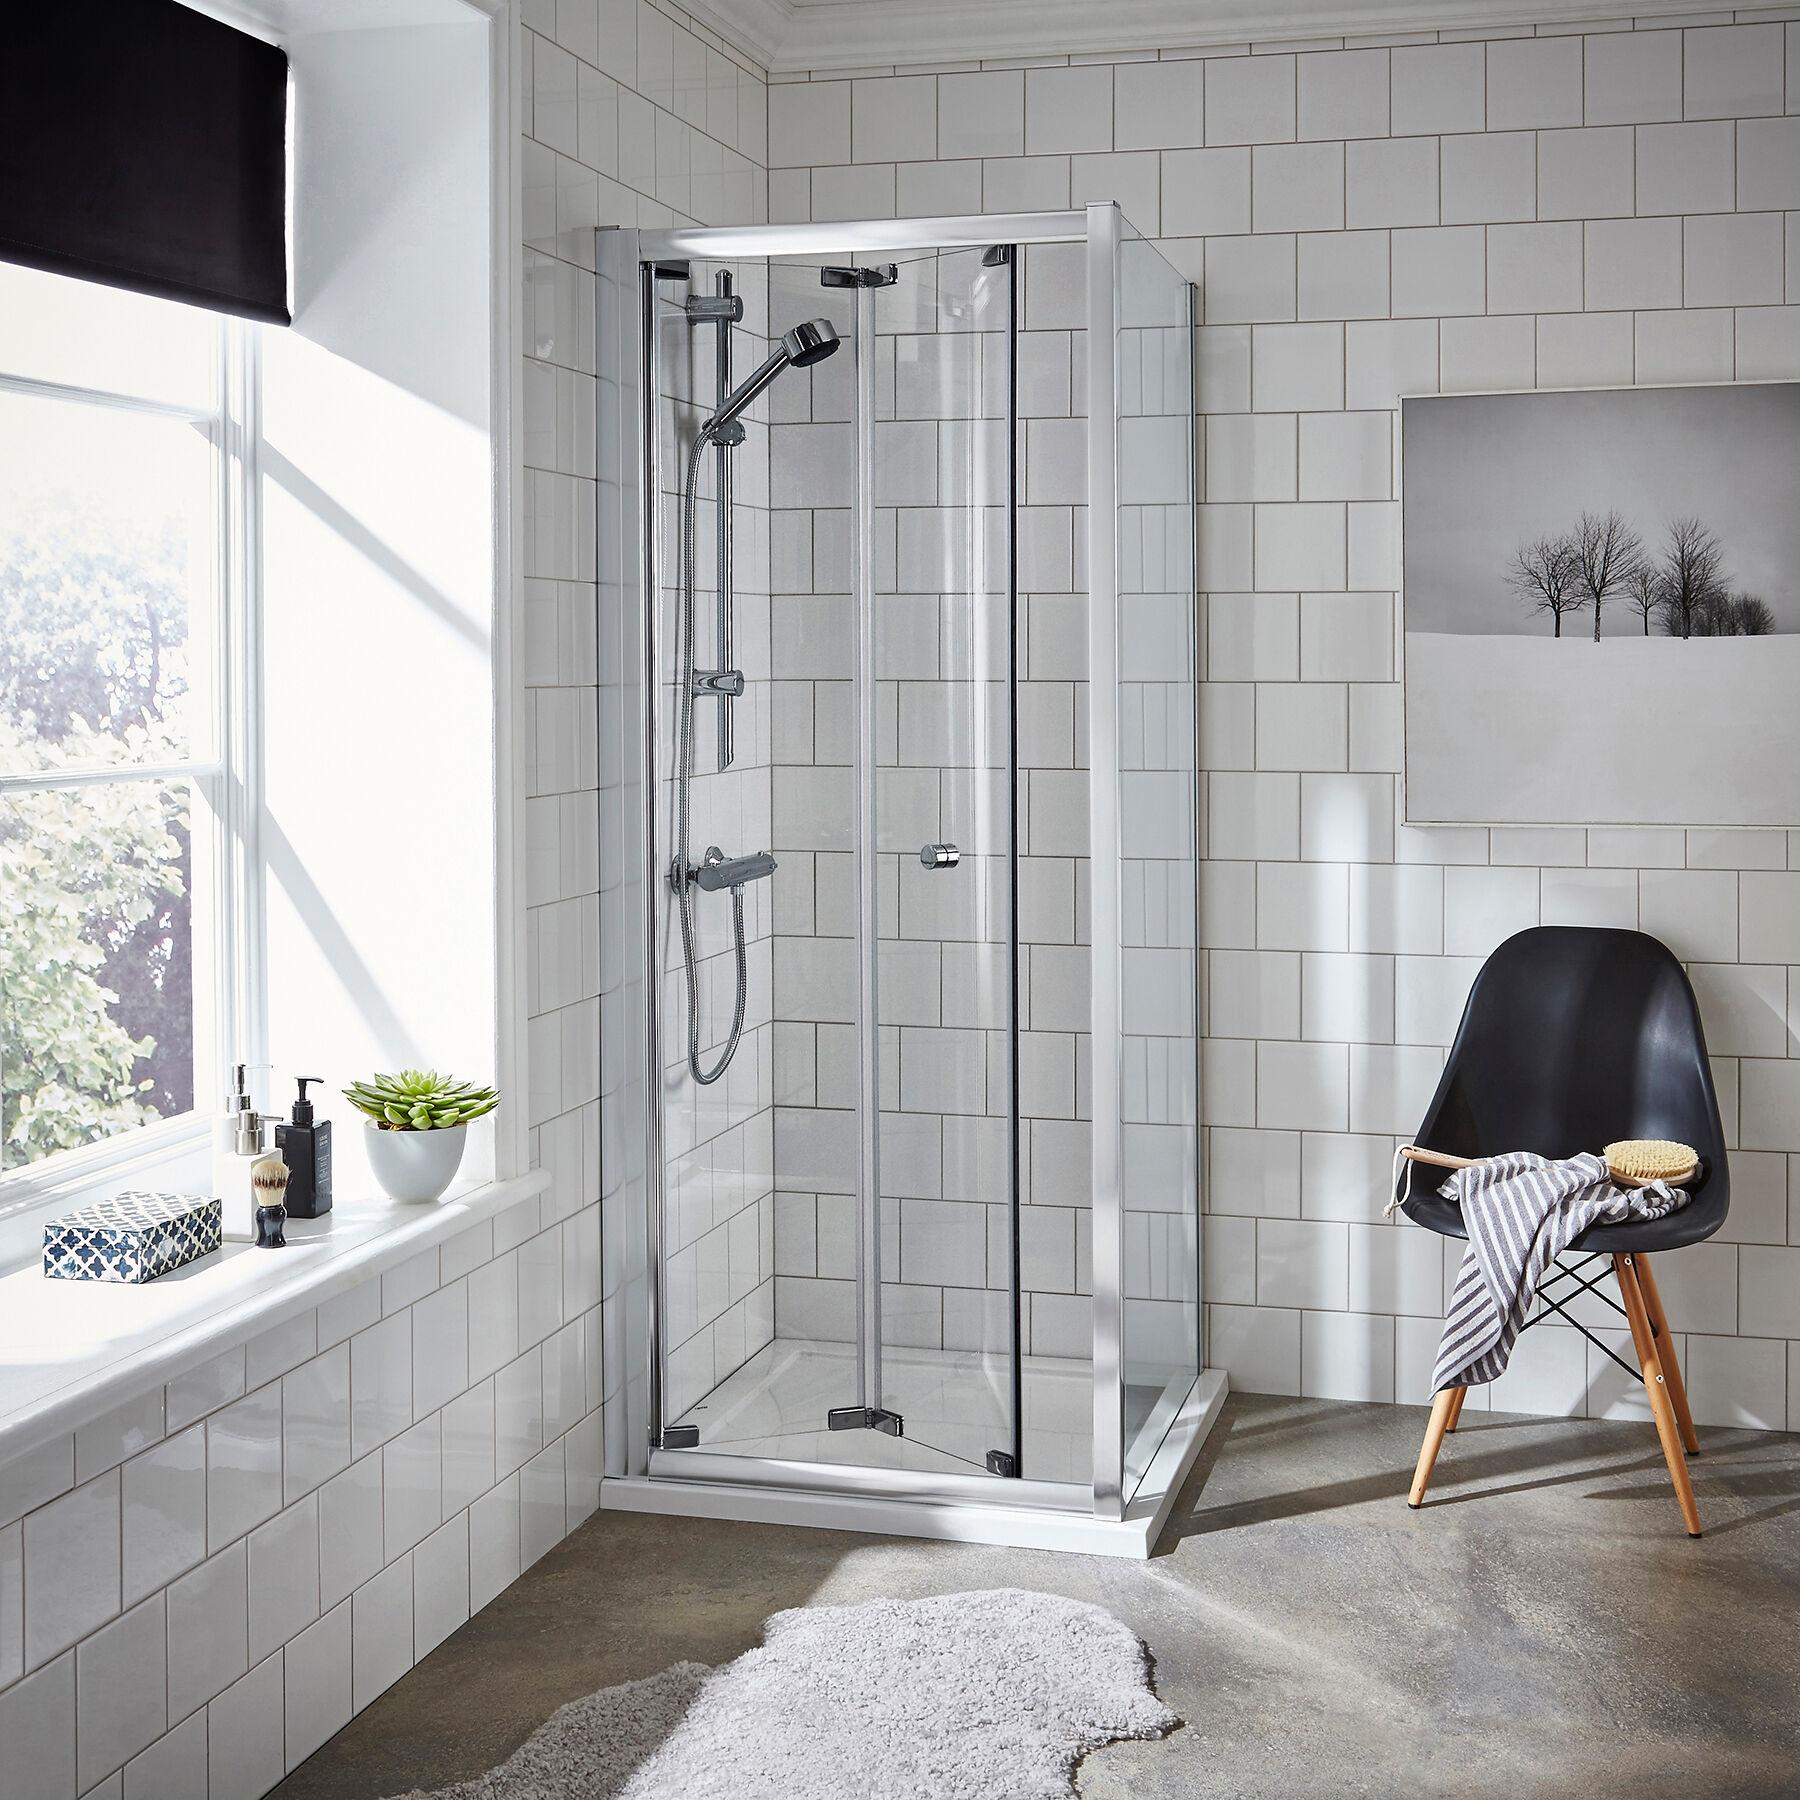 Royal Bathrooms Ella 5mm Bi-Fold Enclosure 800 x 800mm